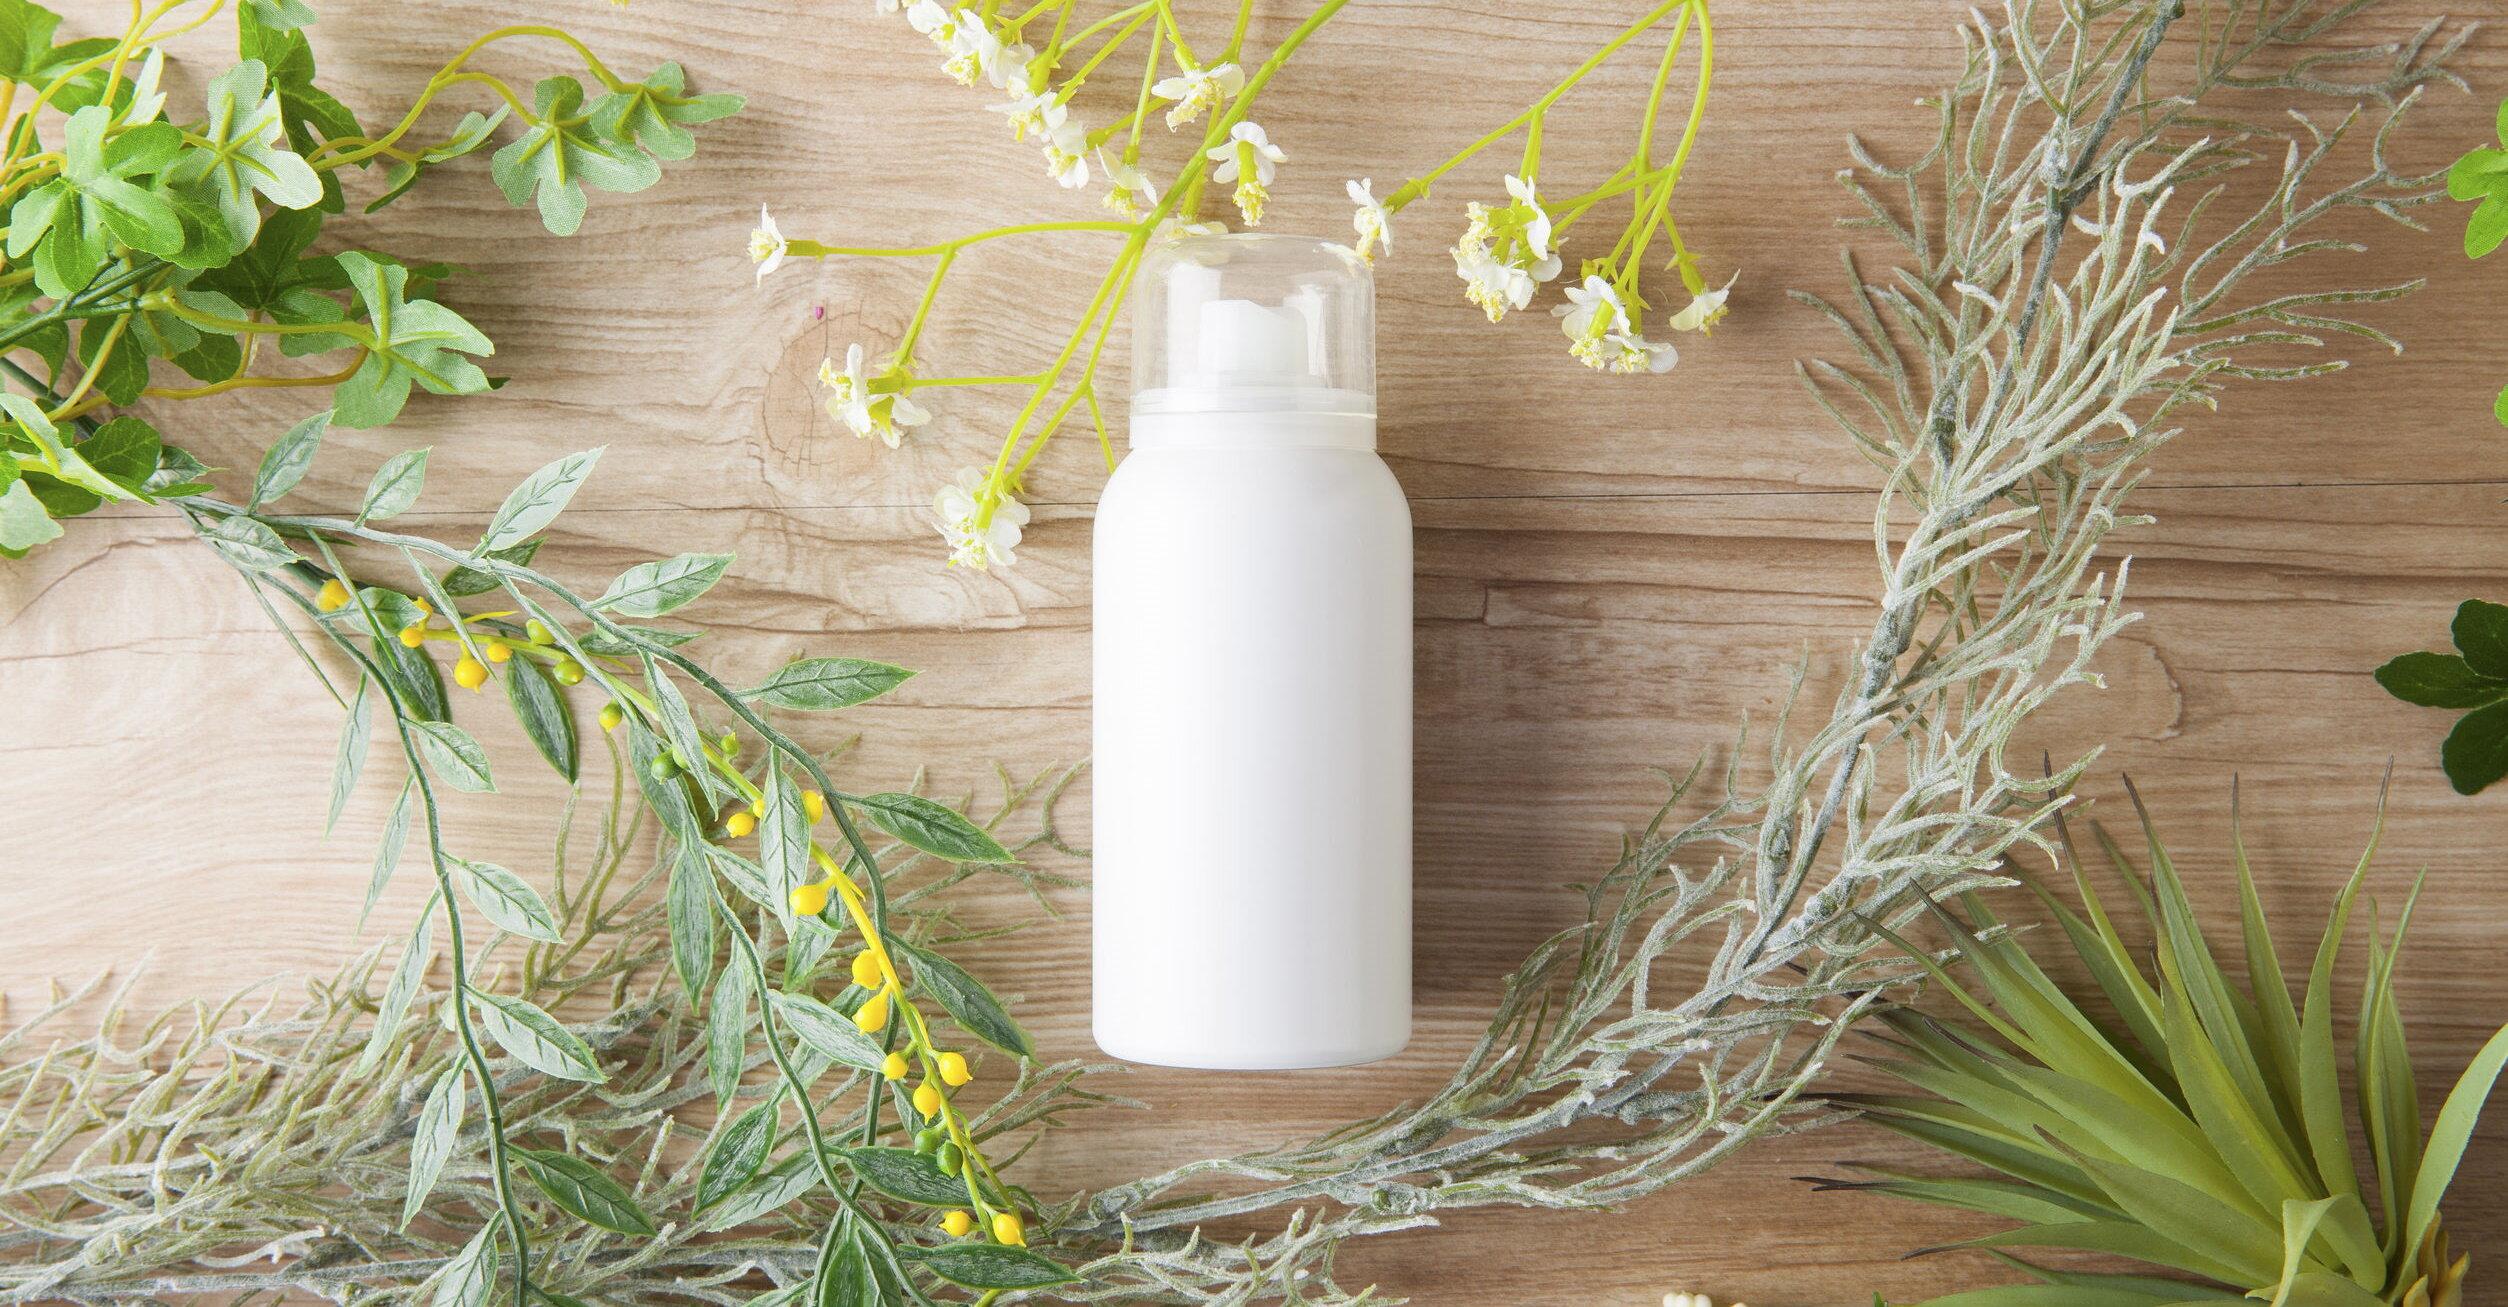 虫除けにおすすめのハーブ10選!植物のチカラで体に優しいナチュラルな虫対策を